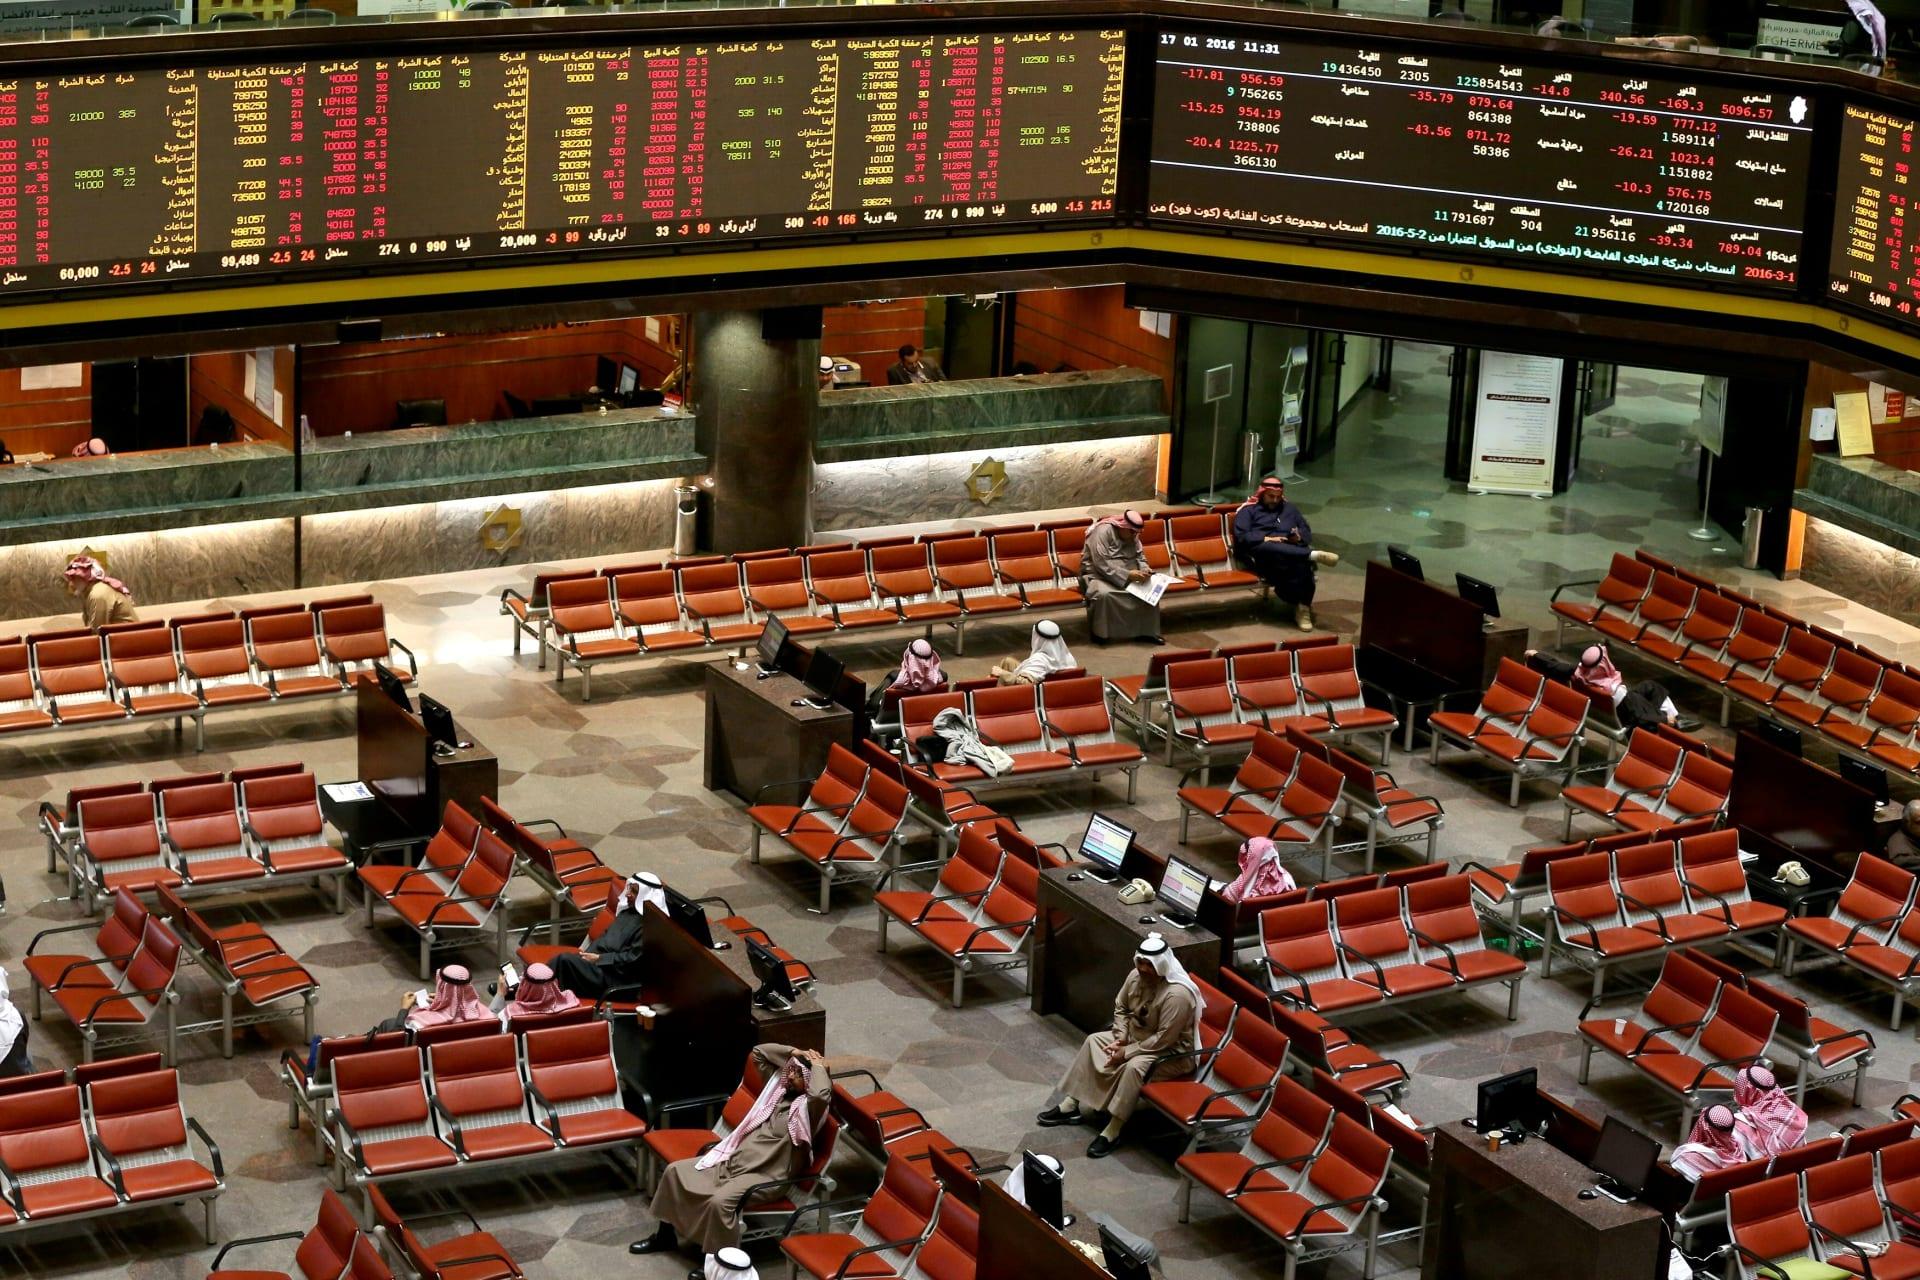 مسؤول: 1.3 مليار دلار استثمارات أجنبية تتجه لبورصة الكويت.. فما السبب؟